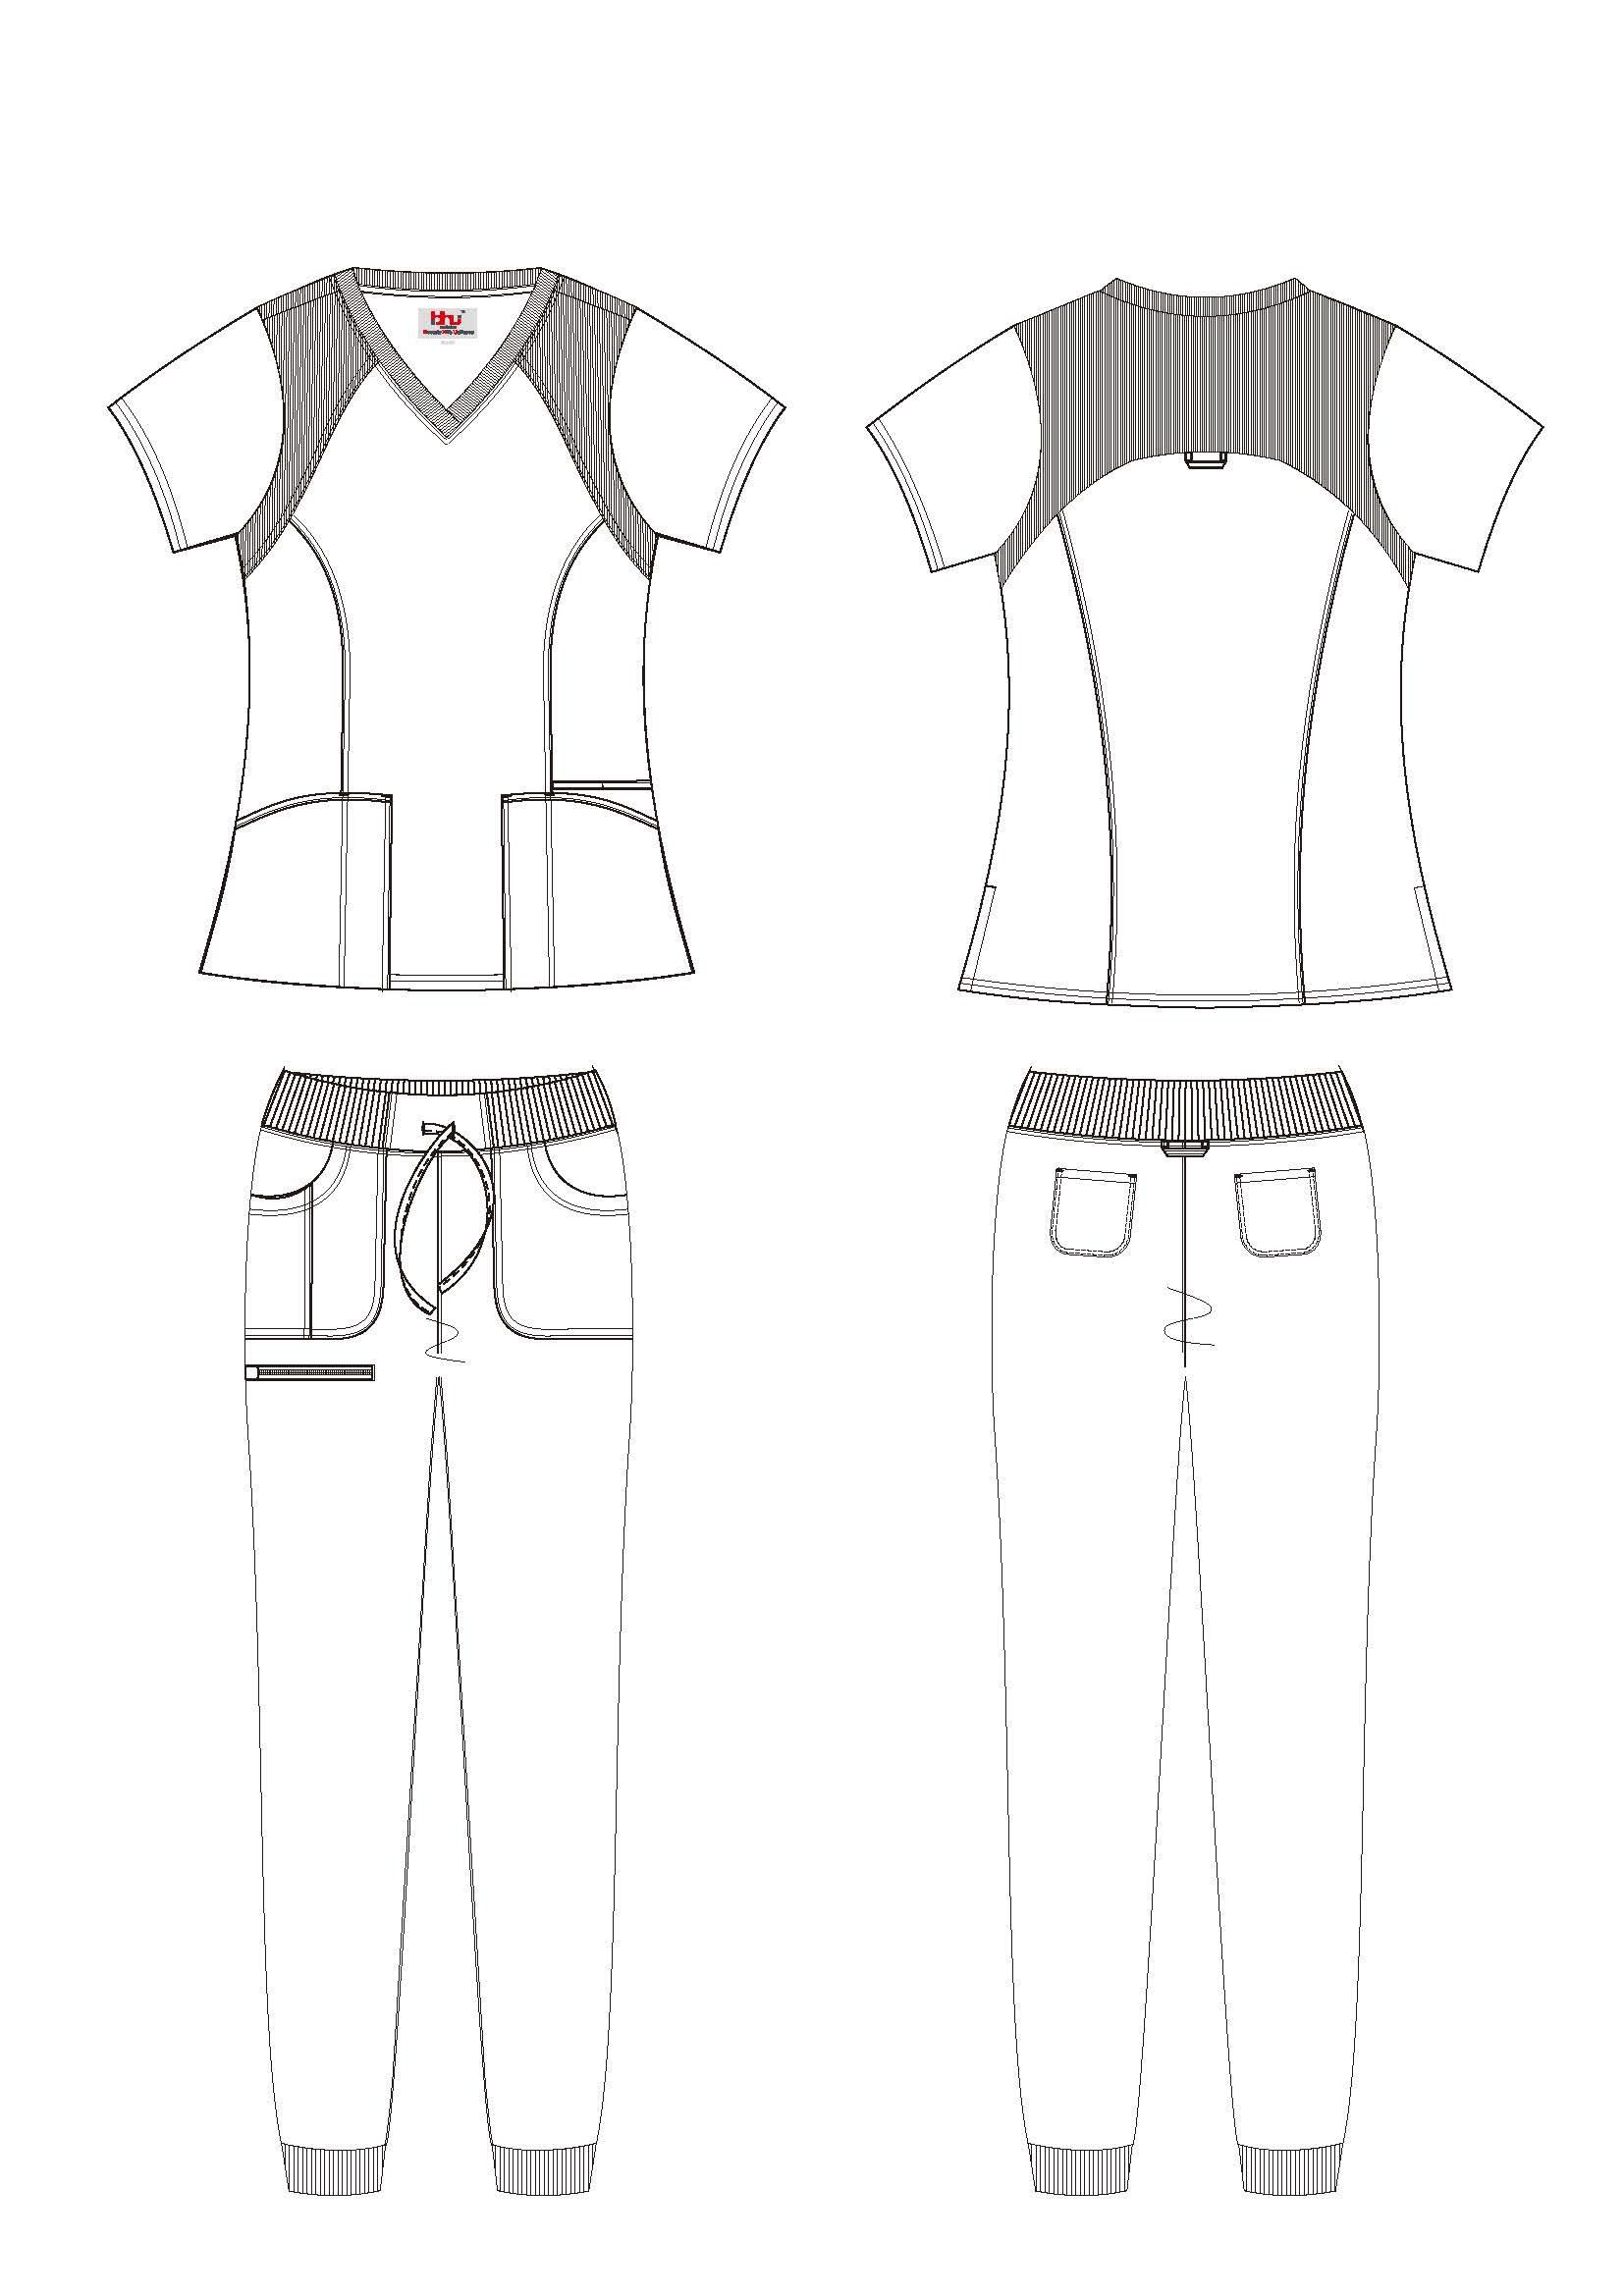 1116 sketch